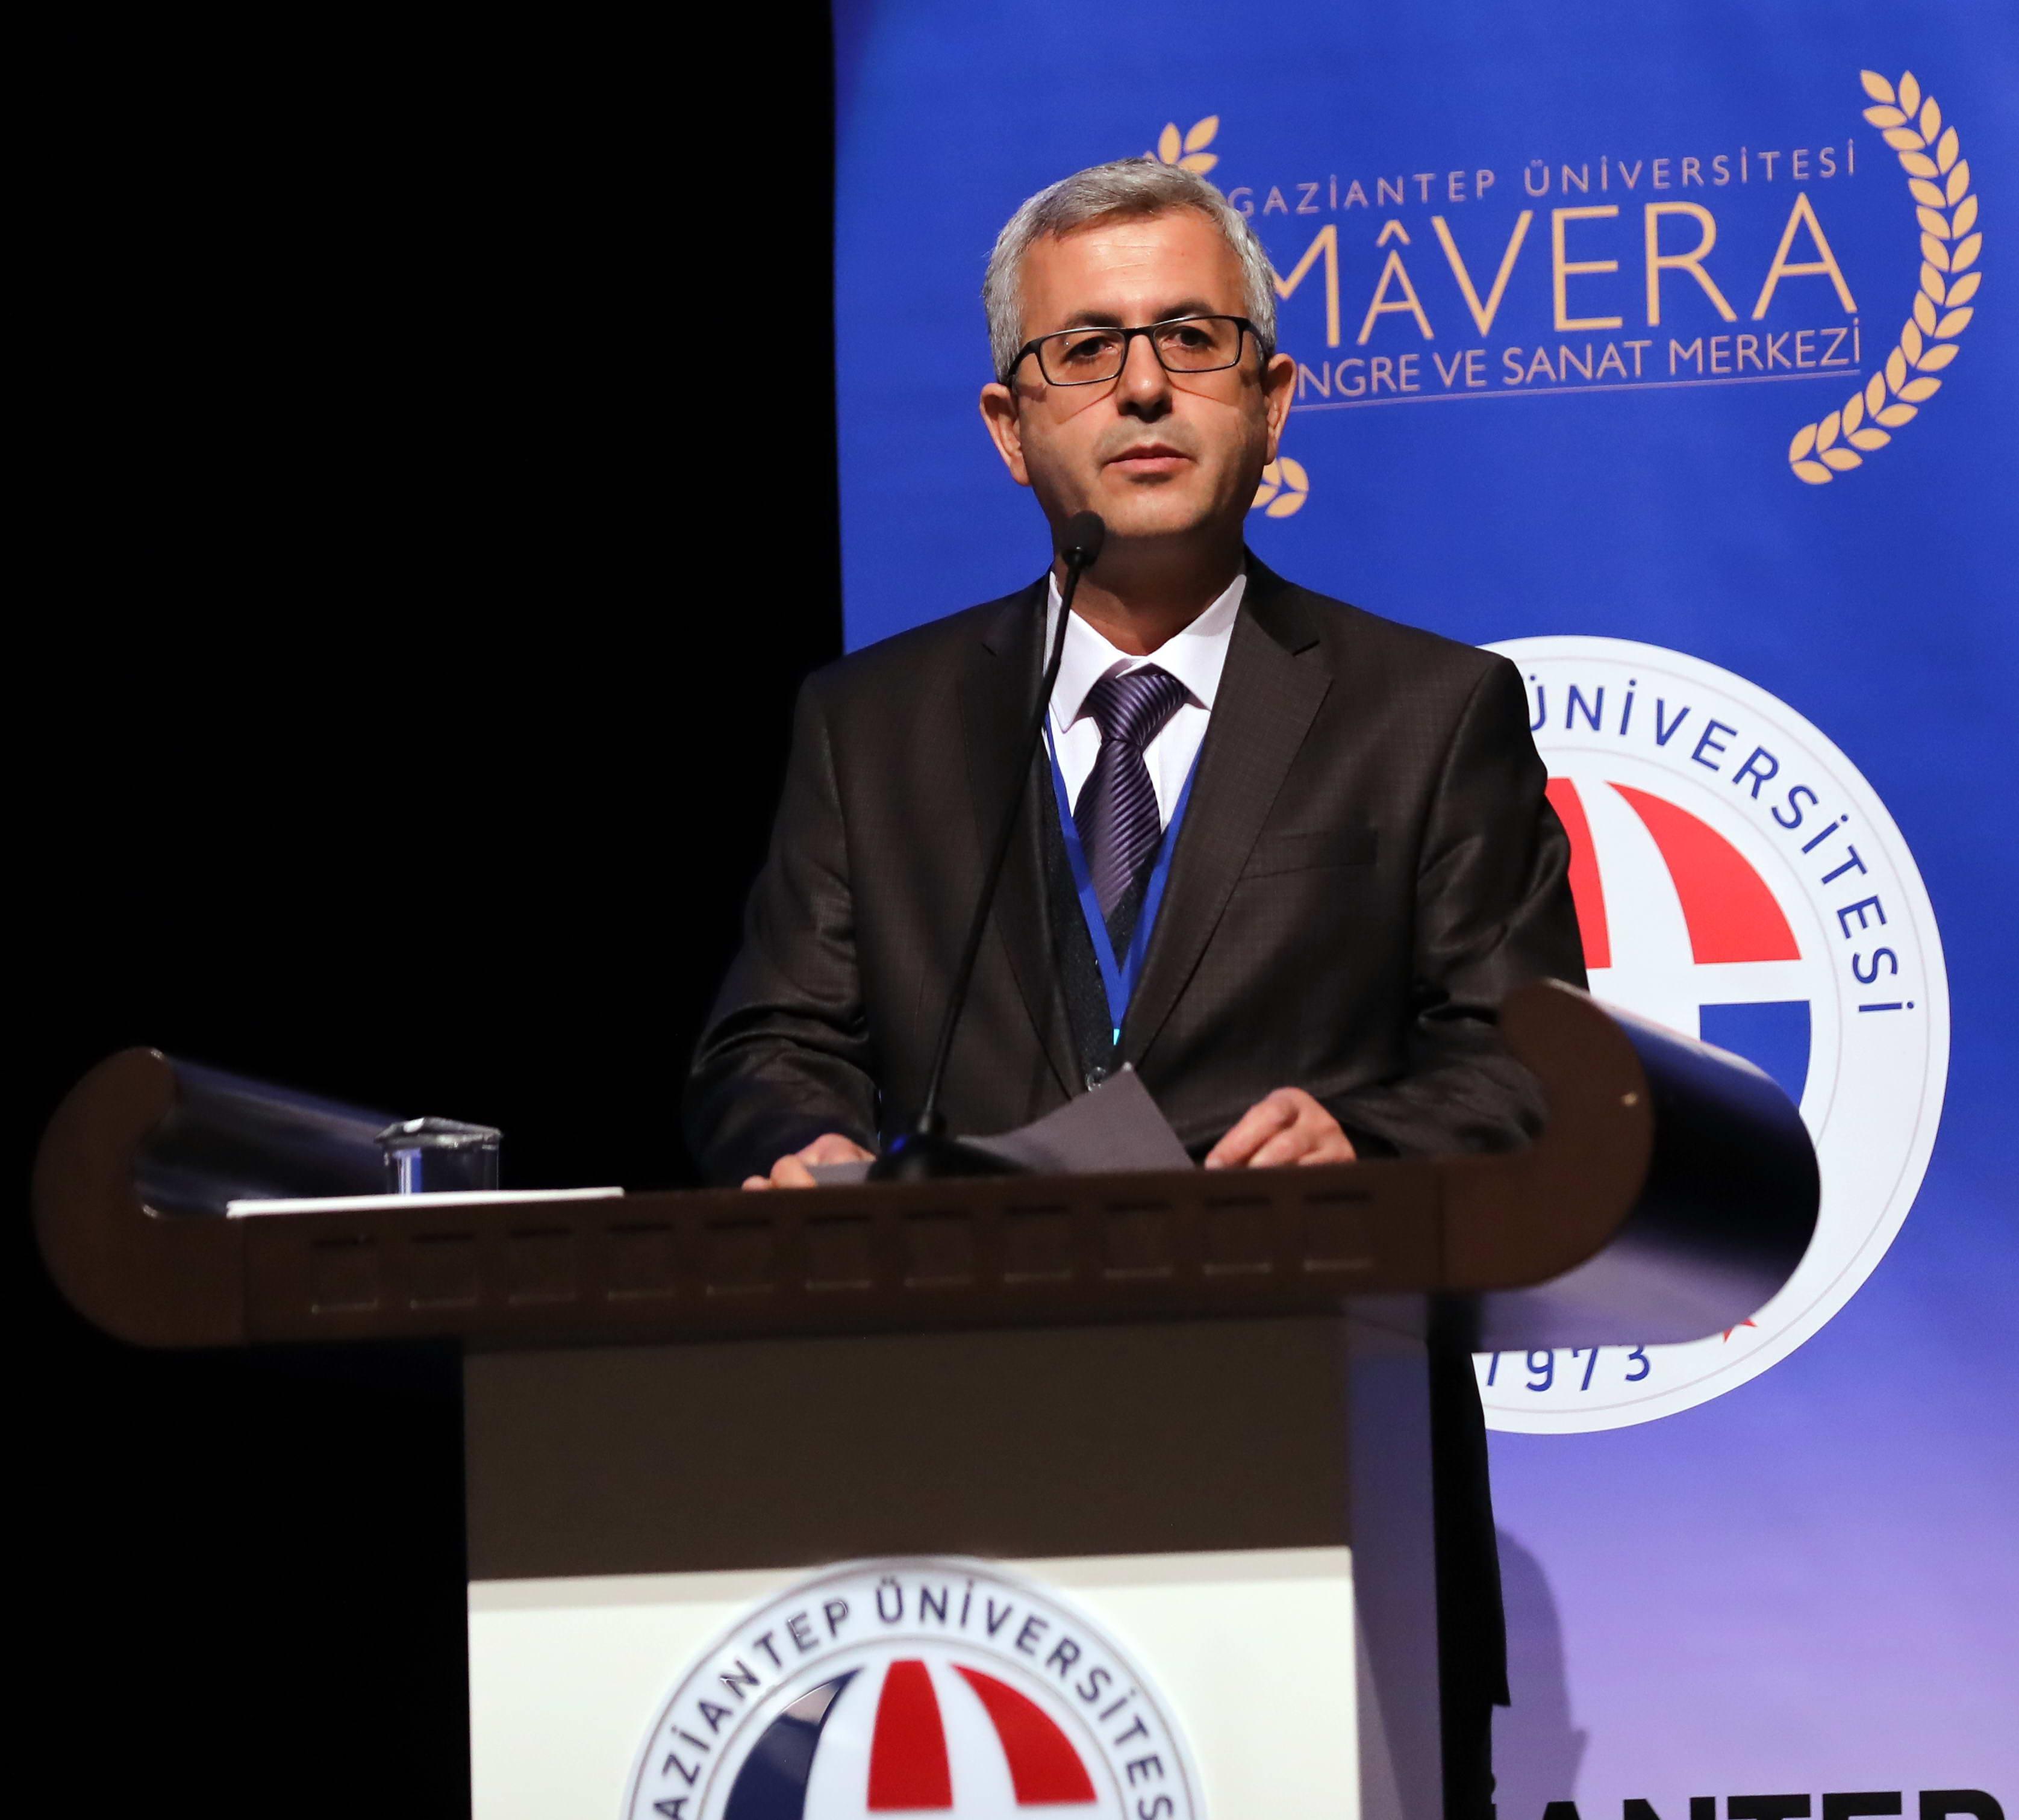 GAÜN'de Sünnetin Aktüel Değeri tartışıldı - Doç. Dr. Recep Aslan